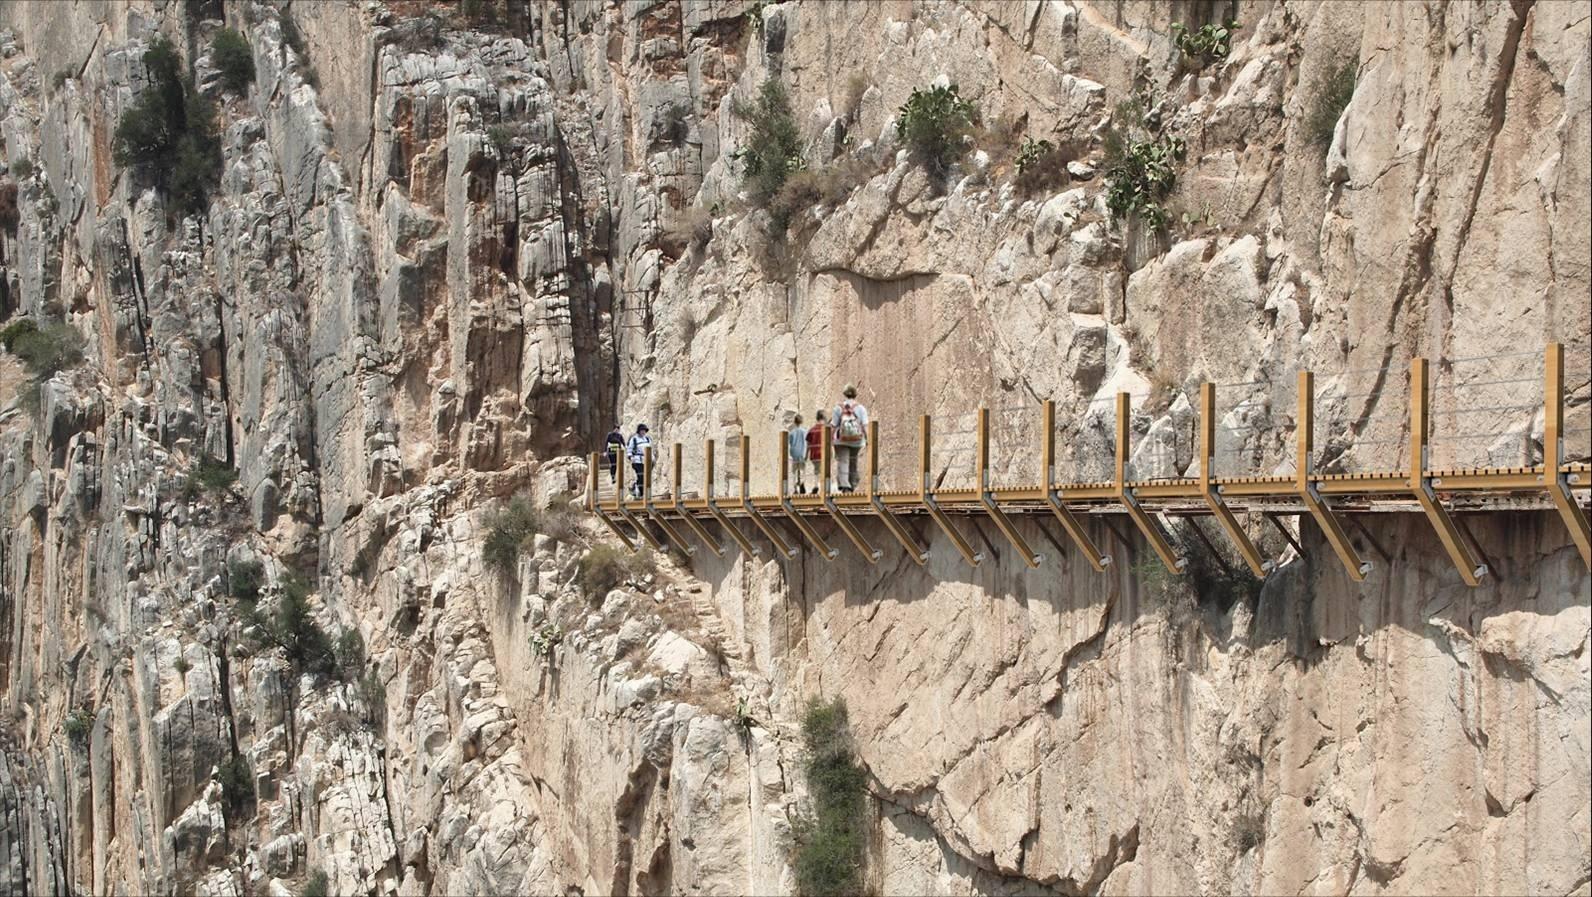 La Diputación destinará 3 millones para la nueva pasarela del Caminito del Rey, que estará en 2015